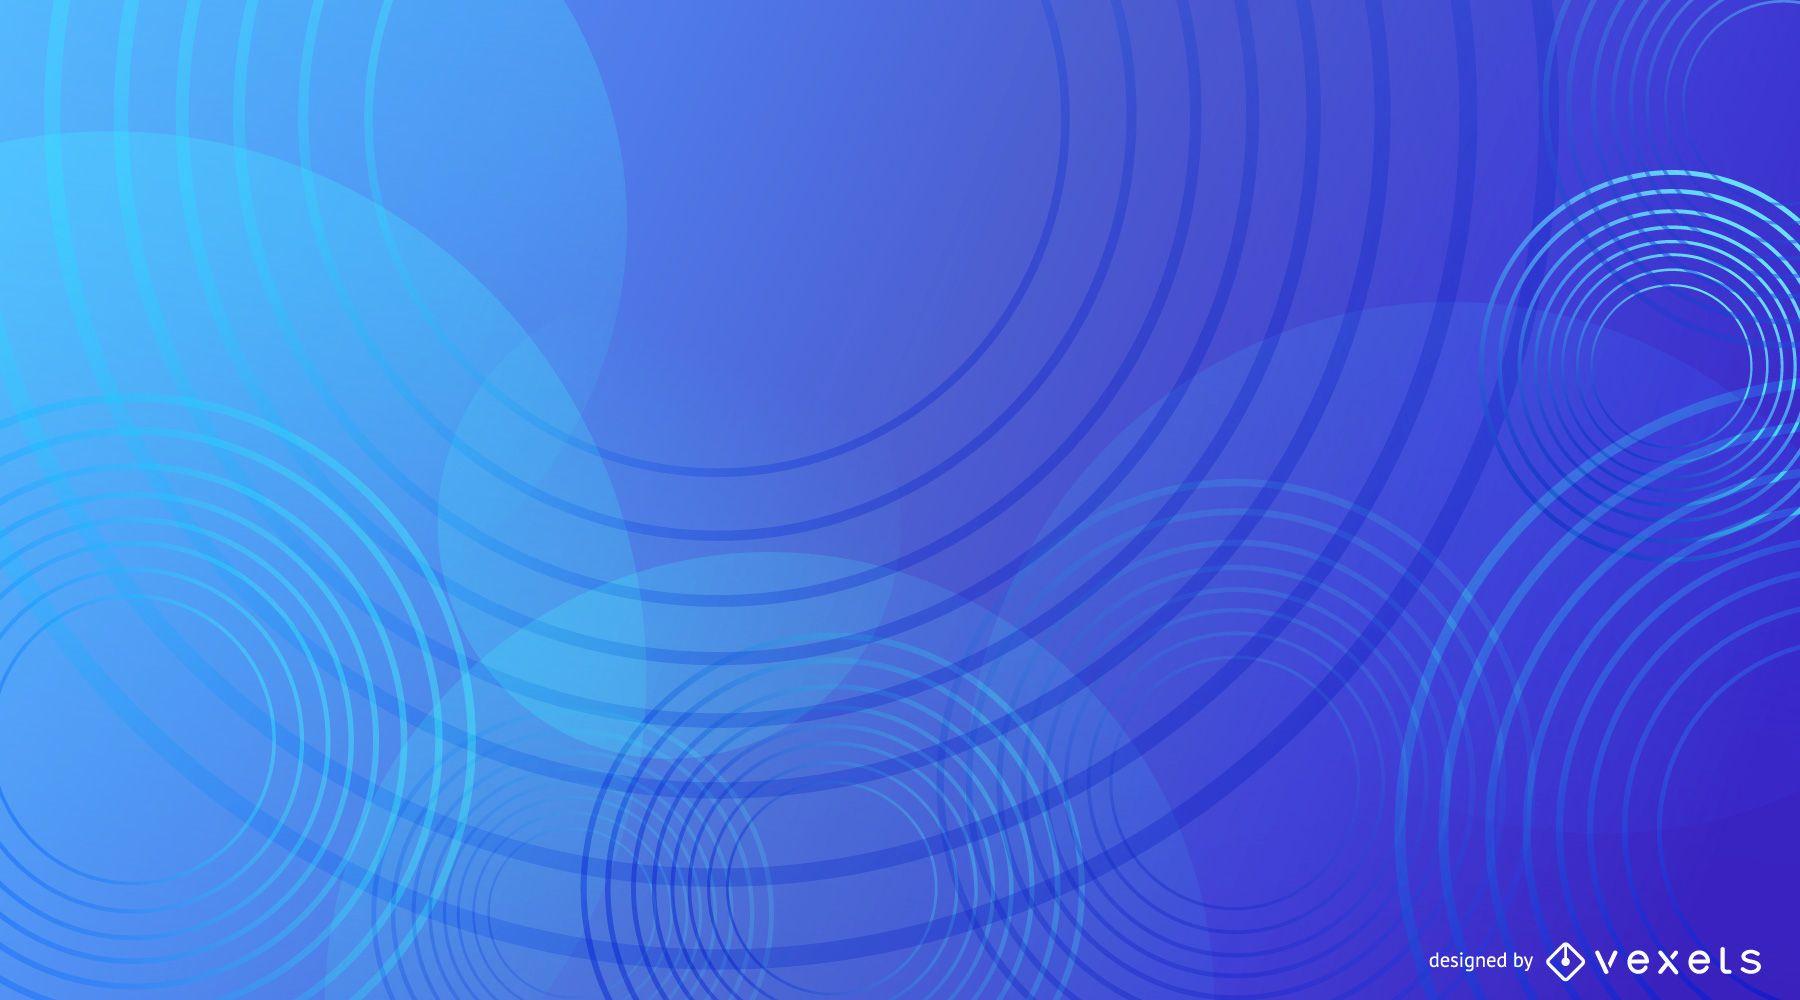 Abstraktes blaues Hintergrunddesign